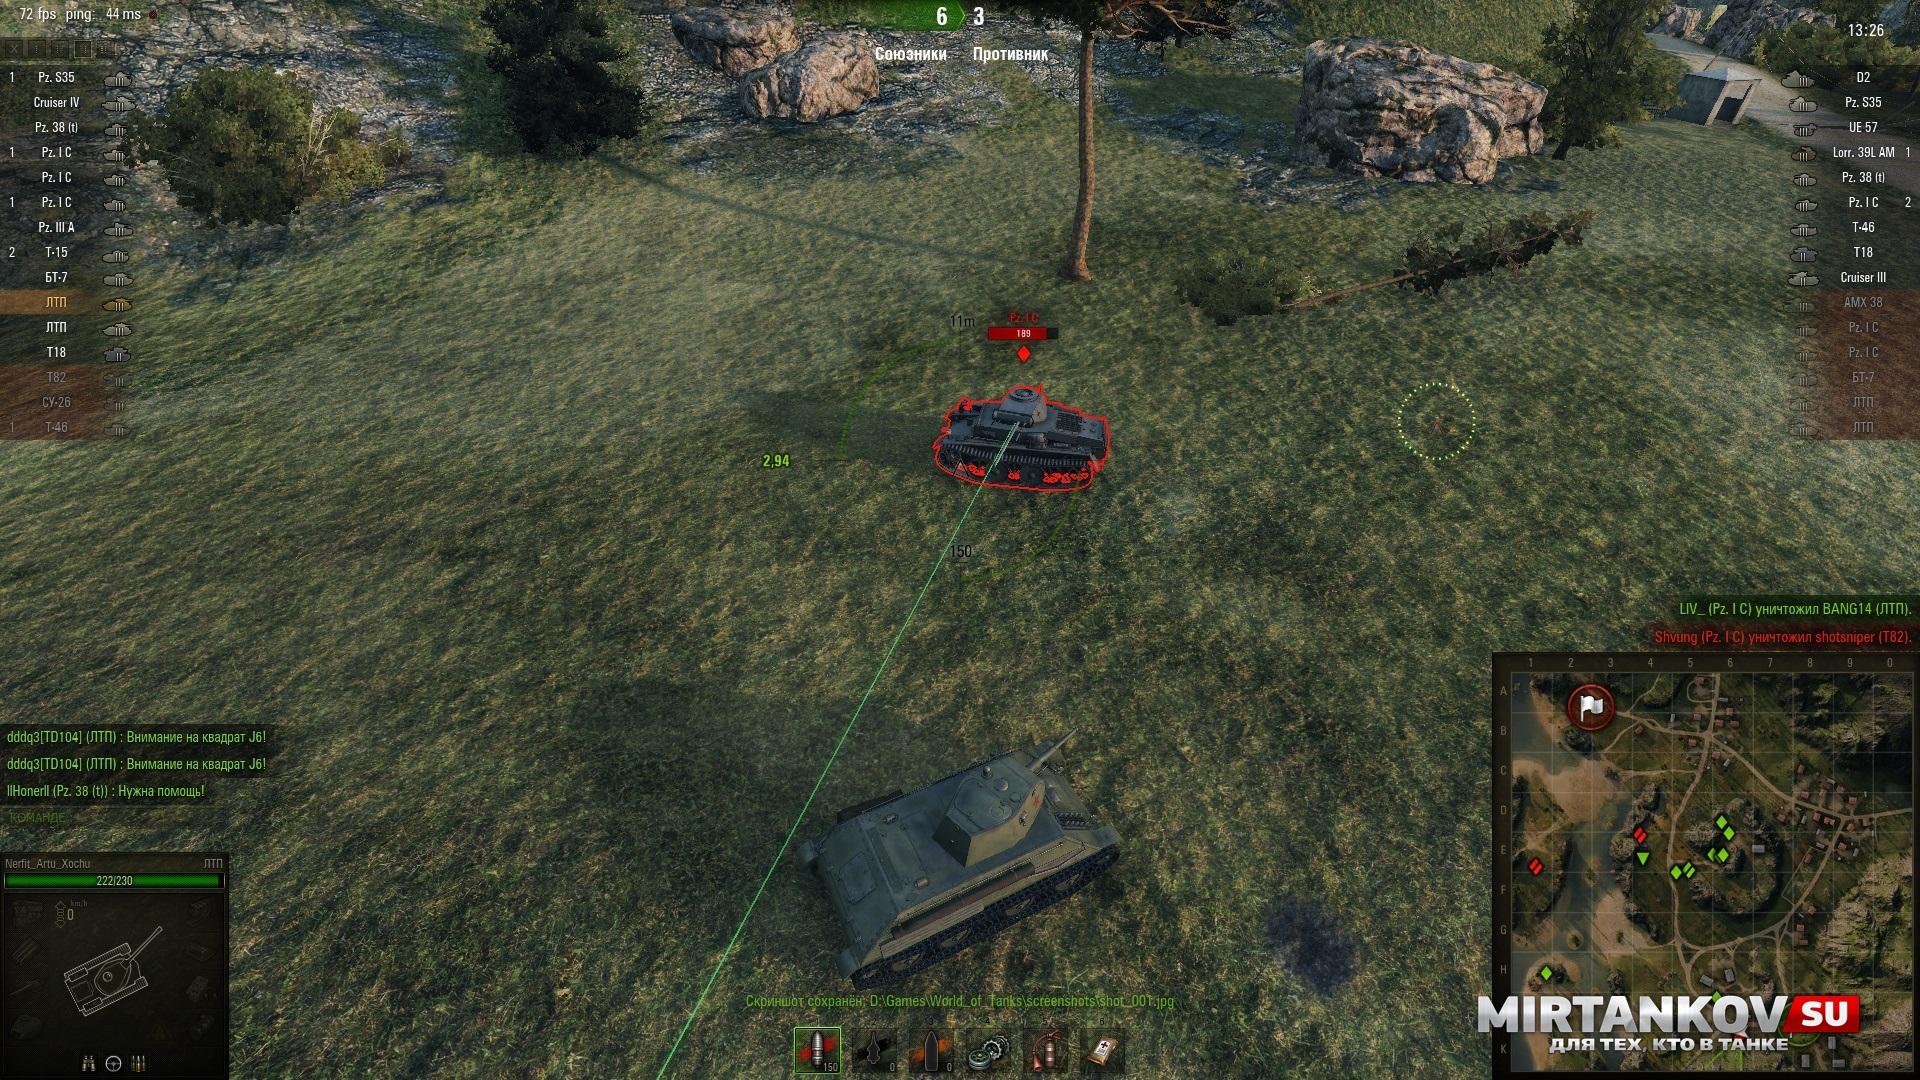 Скачать мод на танки лазер